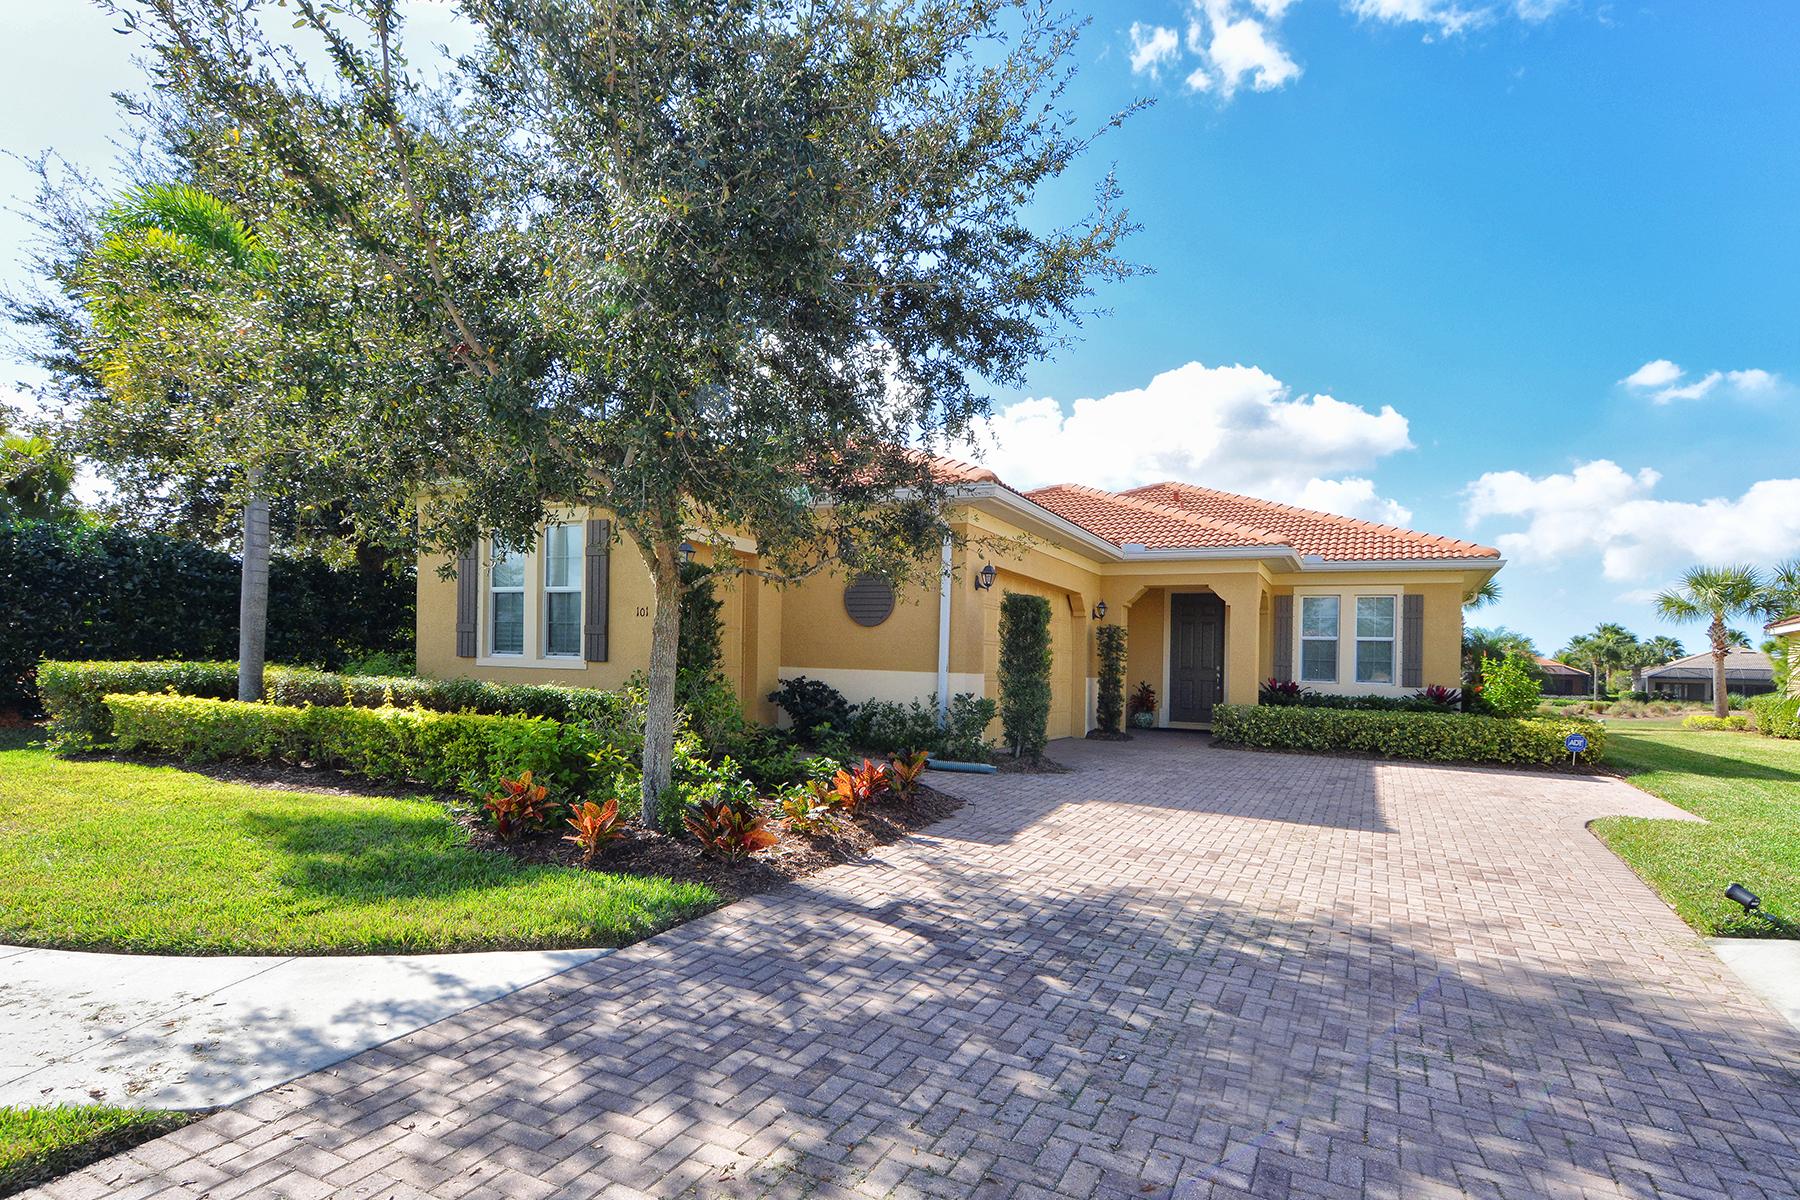 Casa para uma família para Venda às VENETIAN GOLF & RIVER CLUB 101 Lerida Ct North Venice, Florida, 34275 Estados Unidos